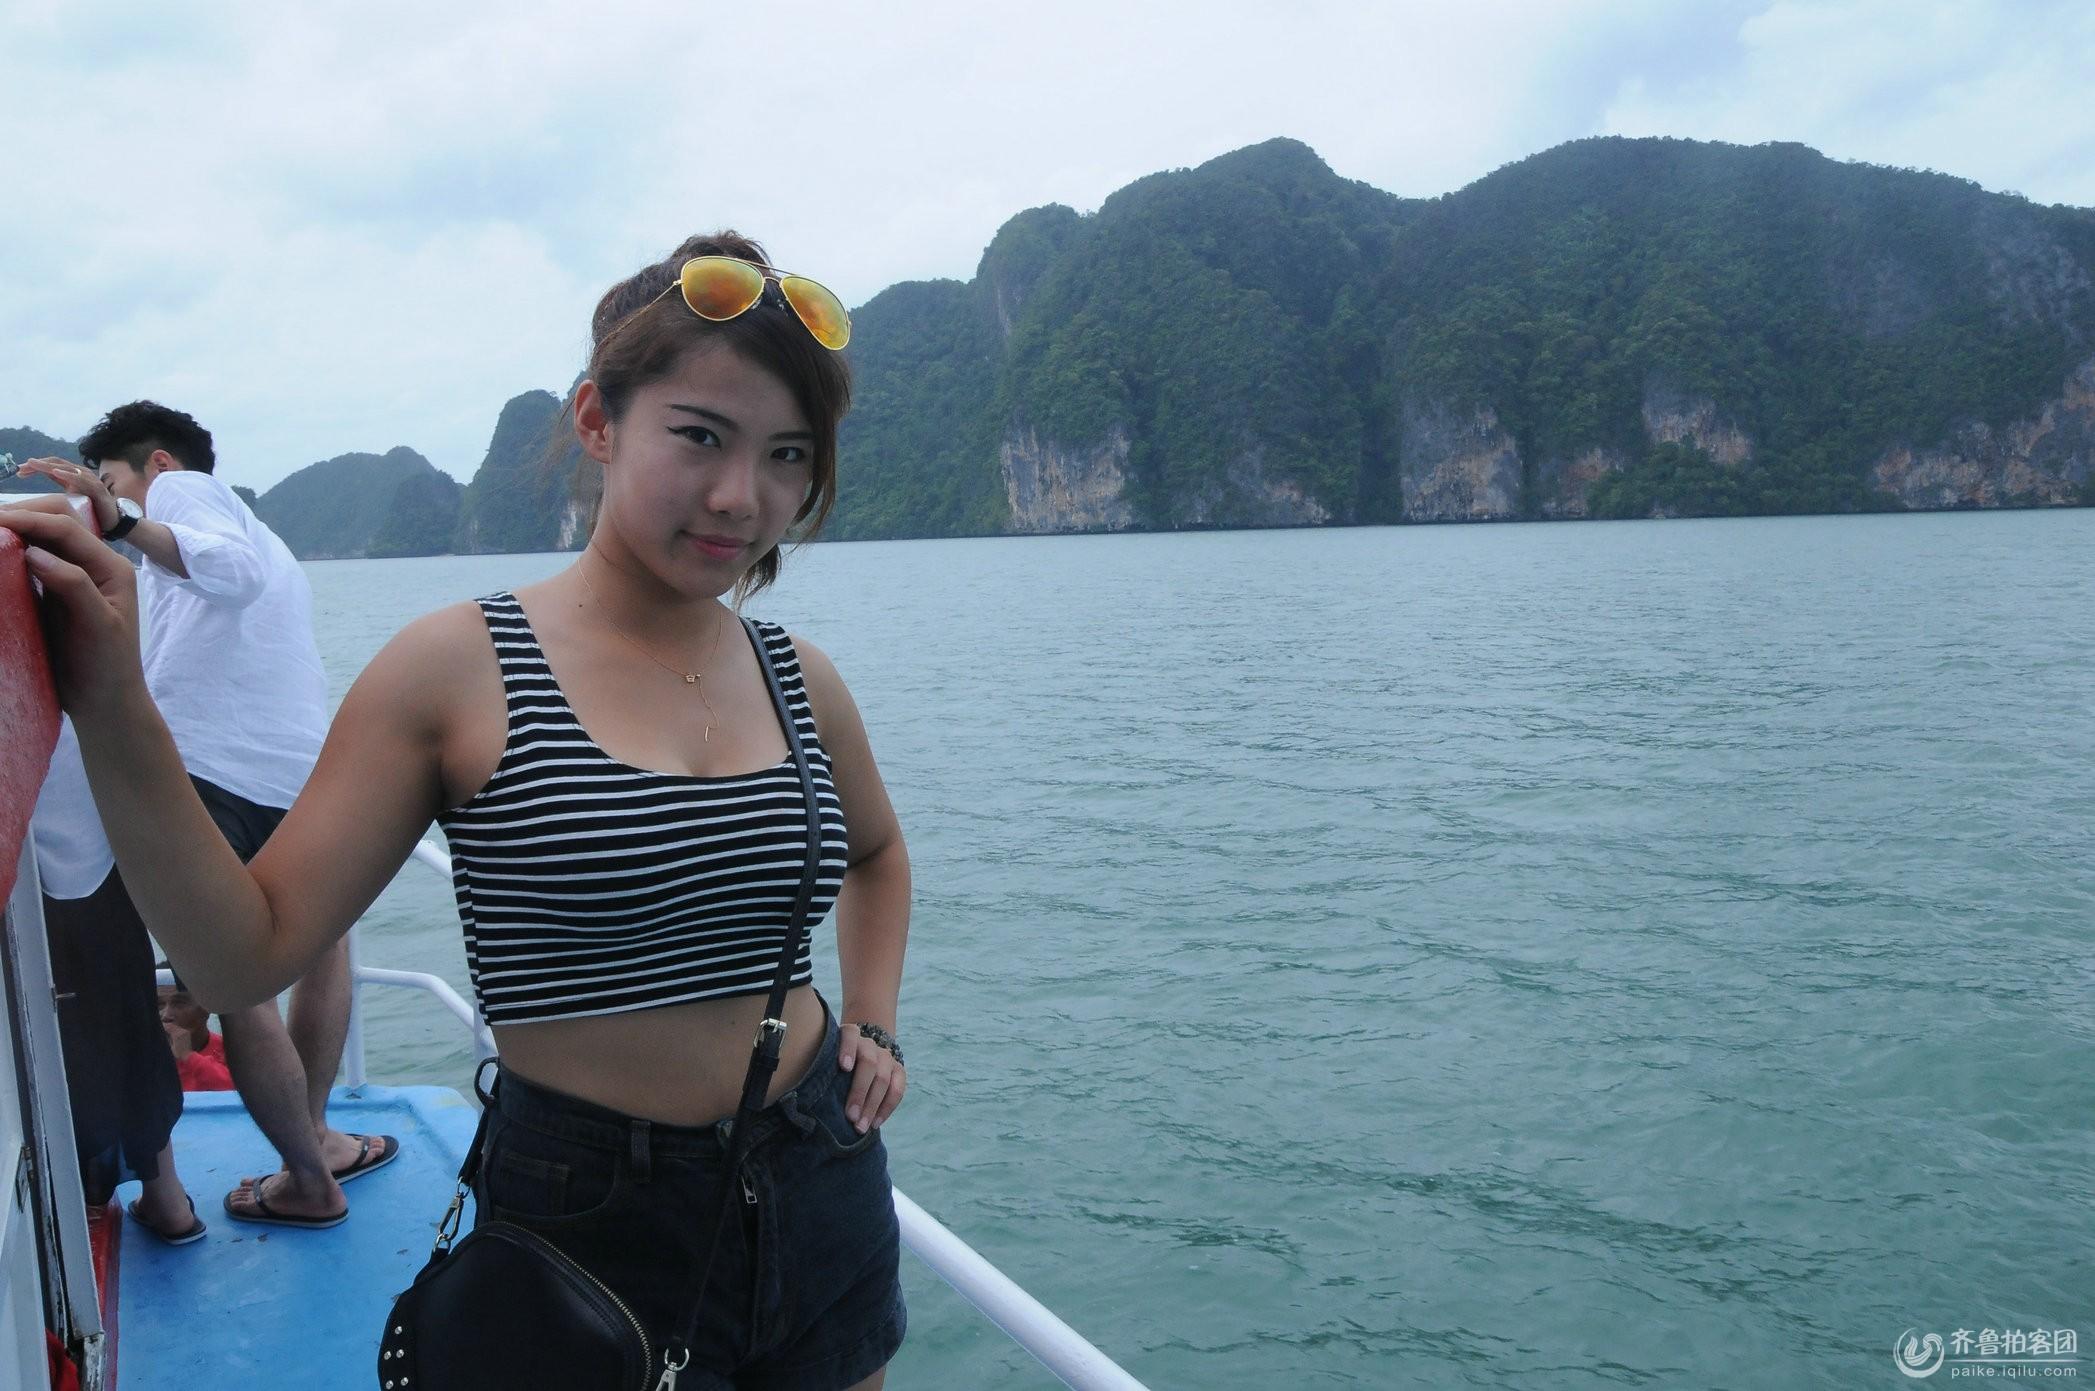 泰国游记:普吉岛出游第二天――同团遇美女